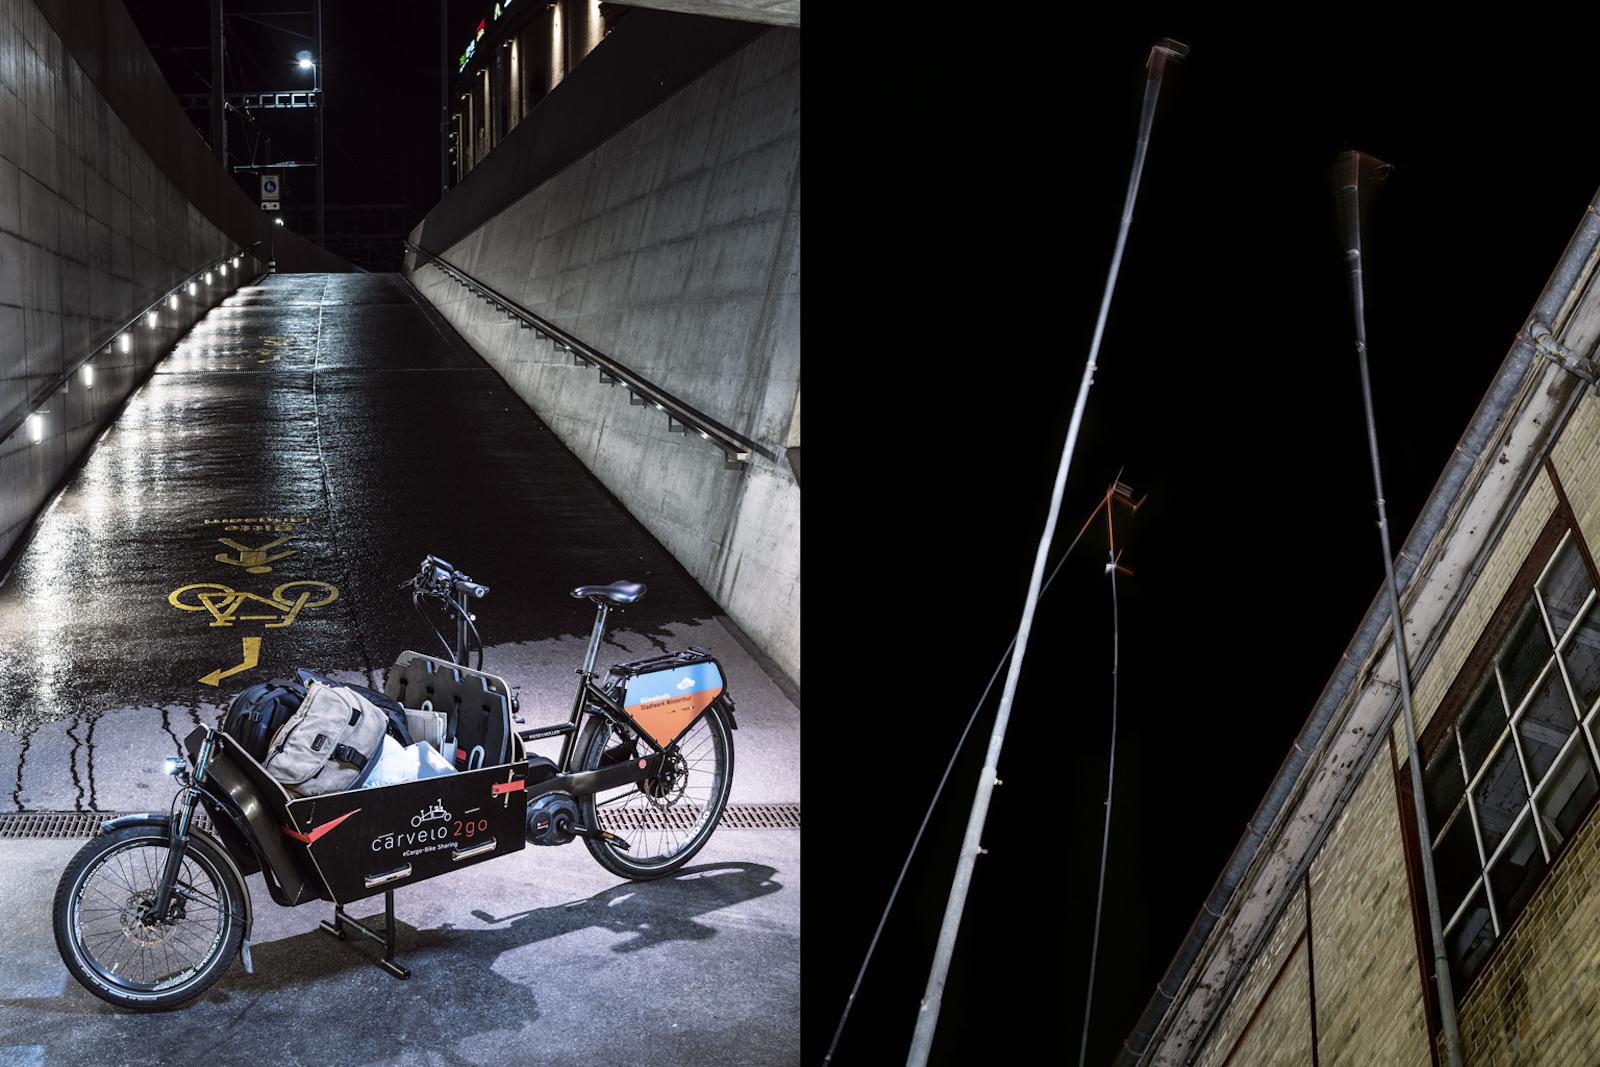 Carvelo2go steht für eCargo-Bike-Sharing in Winterthur und in anderen Städten. Man kann das elektrische Lastenvelo, das «Carvelo», zu einem Stundentarif mieten (links). Alte Industriegelände werden umgenutzt. Der Winterthurer Sitz der Zürcher Hochschule für Angewandte Wissenschaften (ZHAW) zum Beispiel befindet sich zum Teil auf dem ehemaligen Sulzer-Industrieareal (rechts). (Robert Huber)